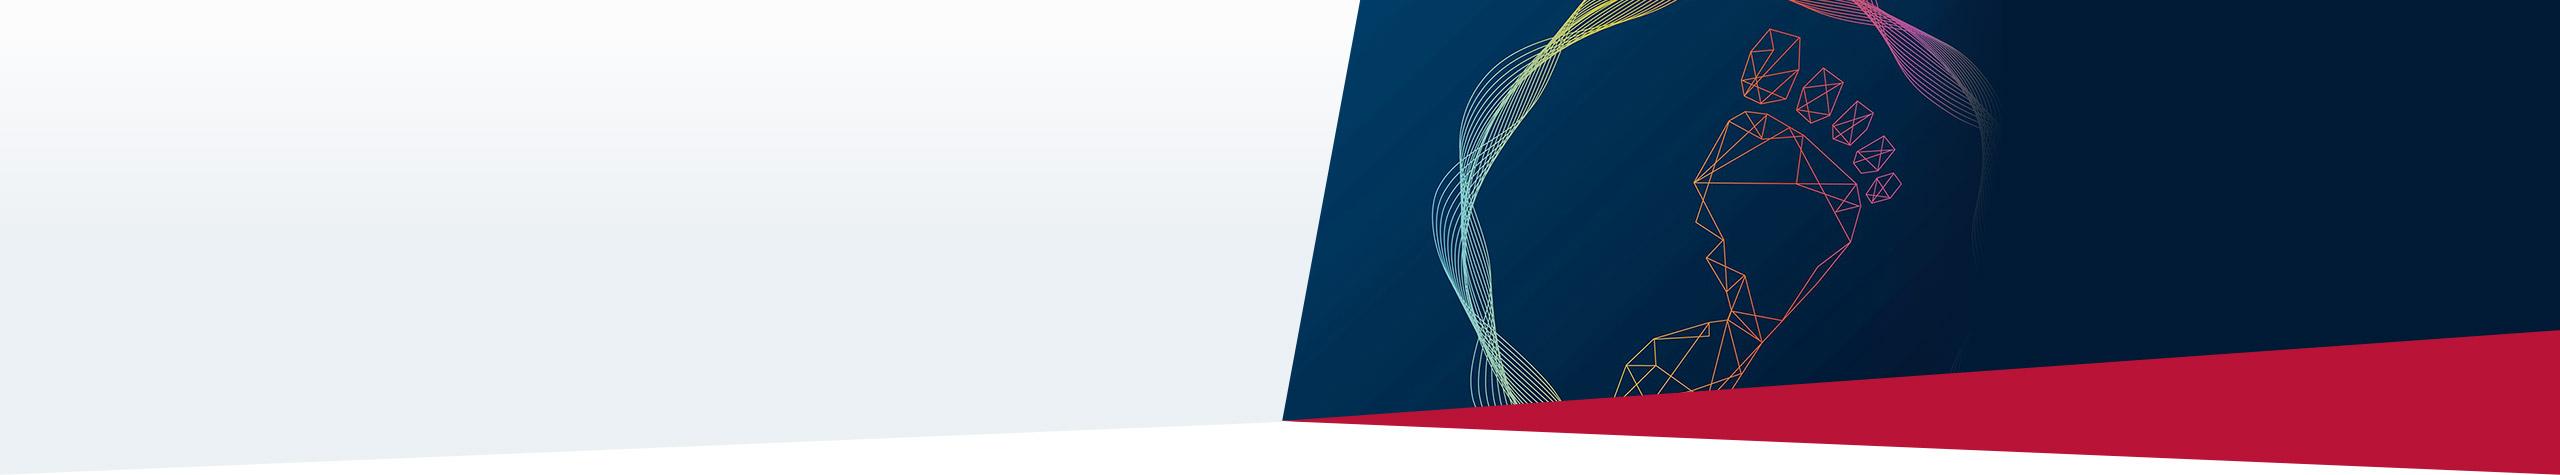 Dassault Systèmes PLM-Software für Ihre Produktentwicklung